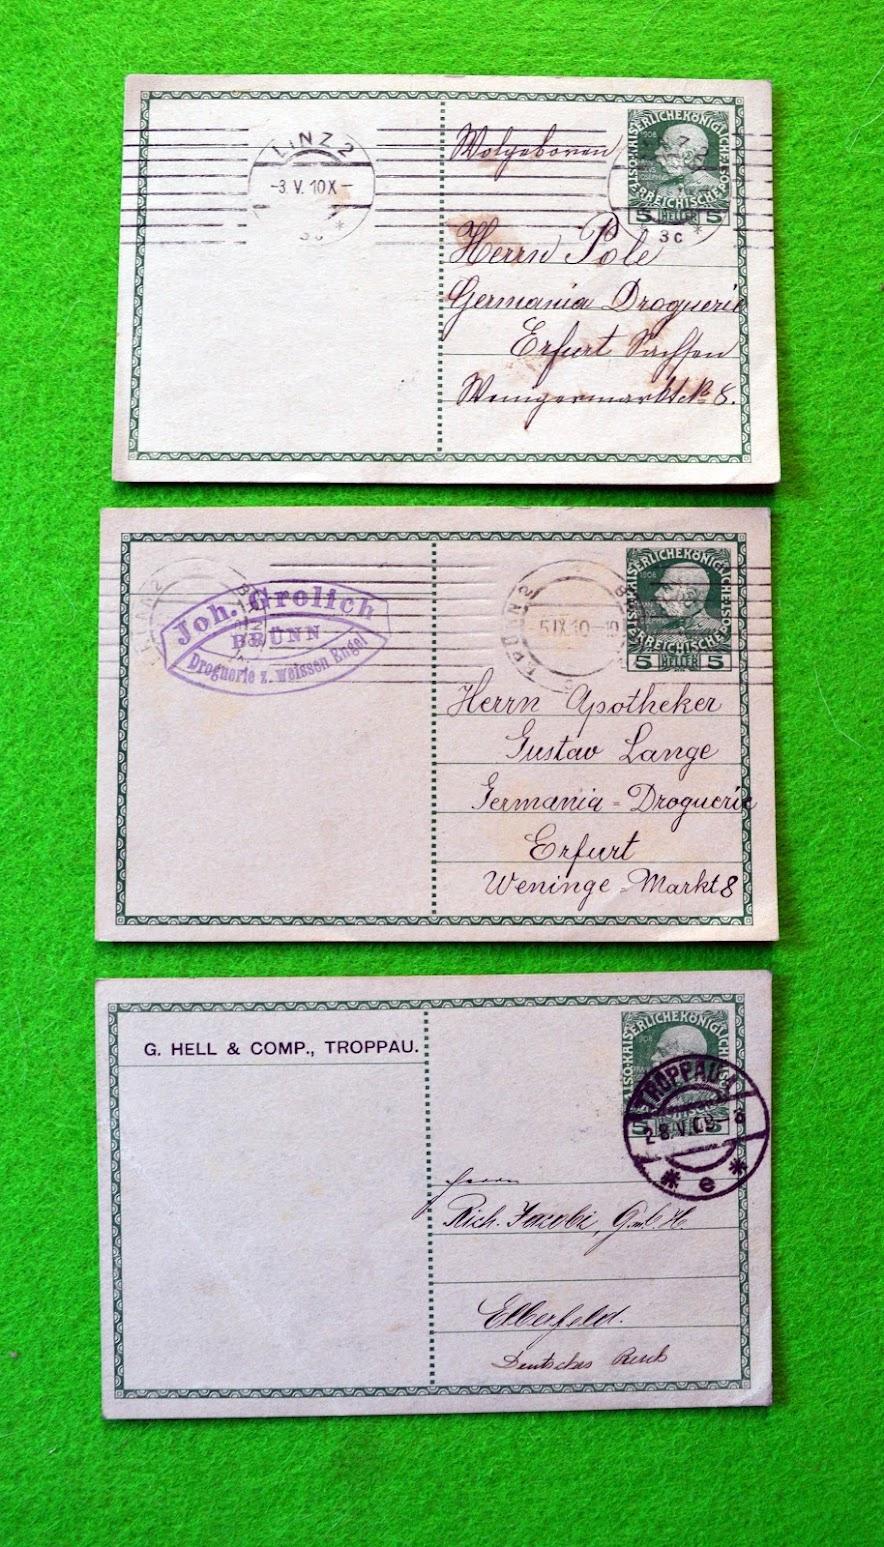 Postkarten aus Österreich - 1909 / 1910